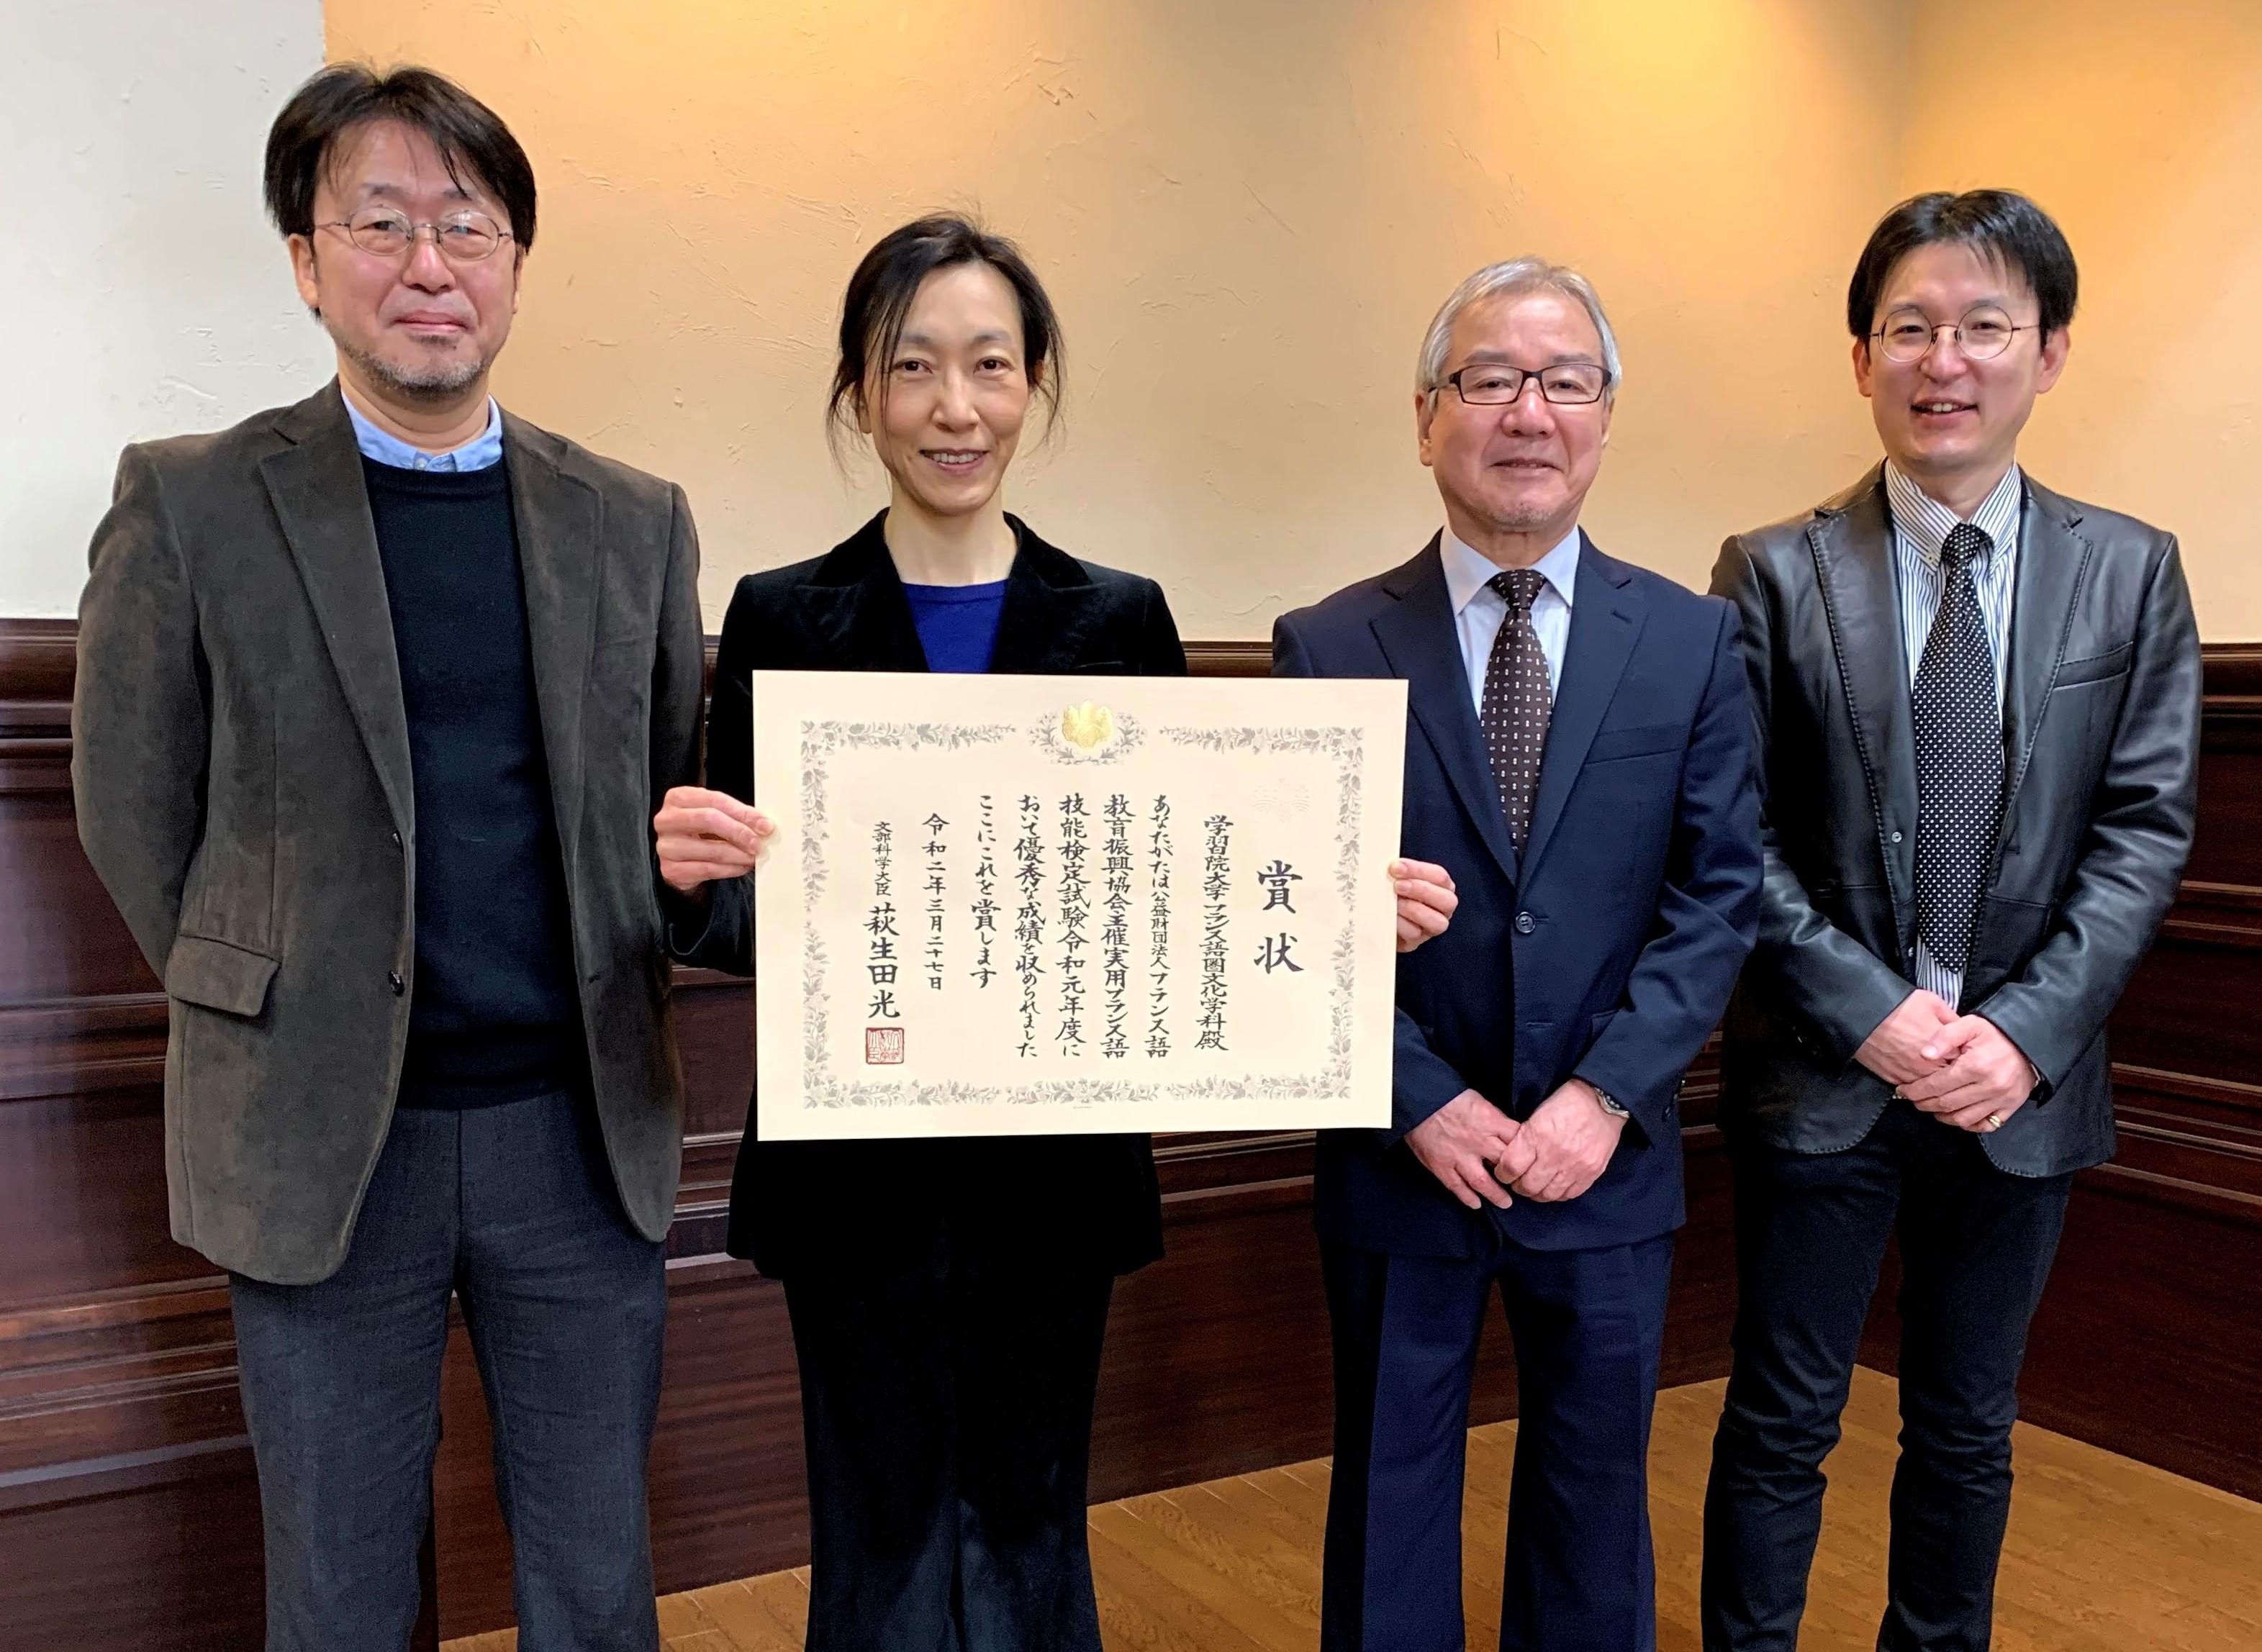 学習院大学団体受賞写真(左より)水野雅司先生・大野麻奈子先生・西澤文昭理事長・鈴木雅生先生